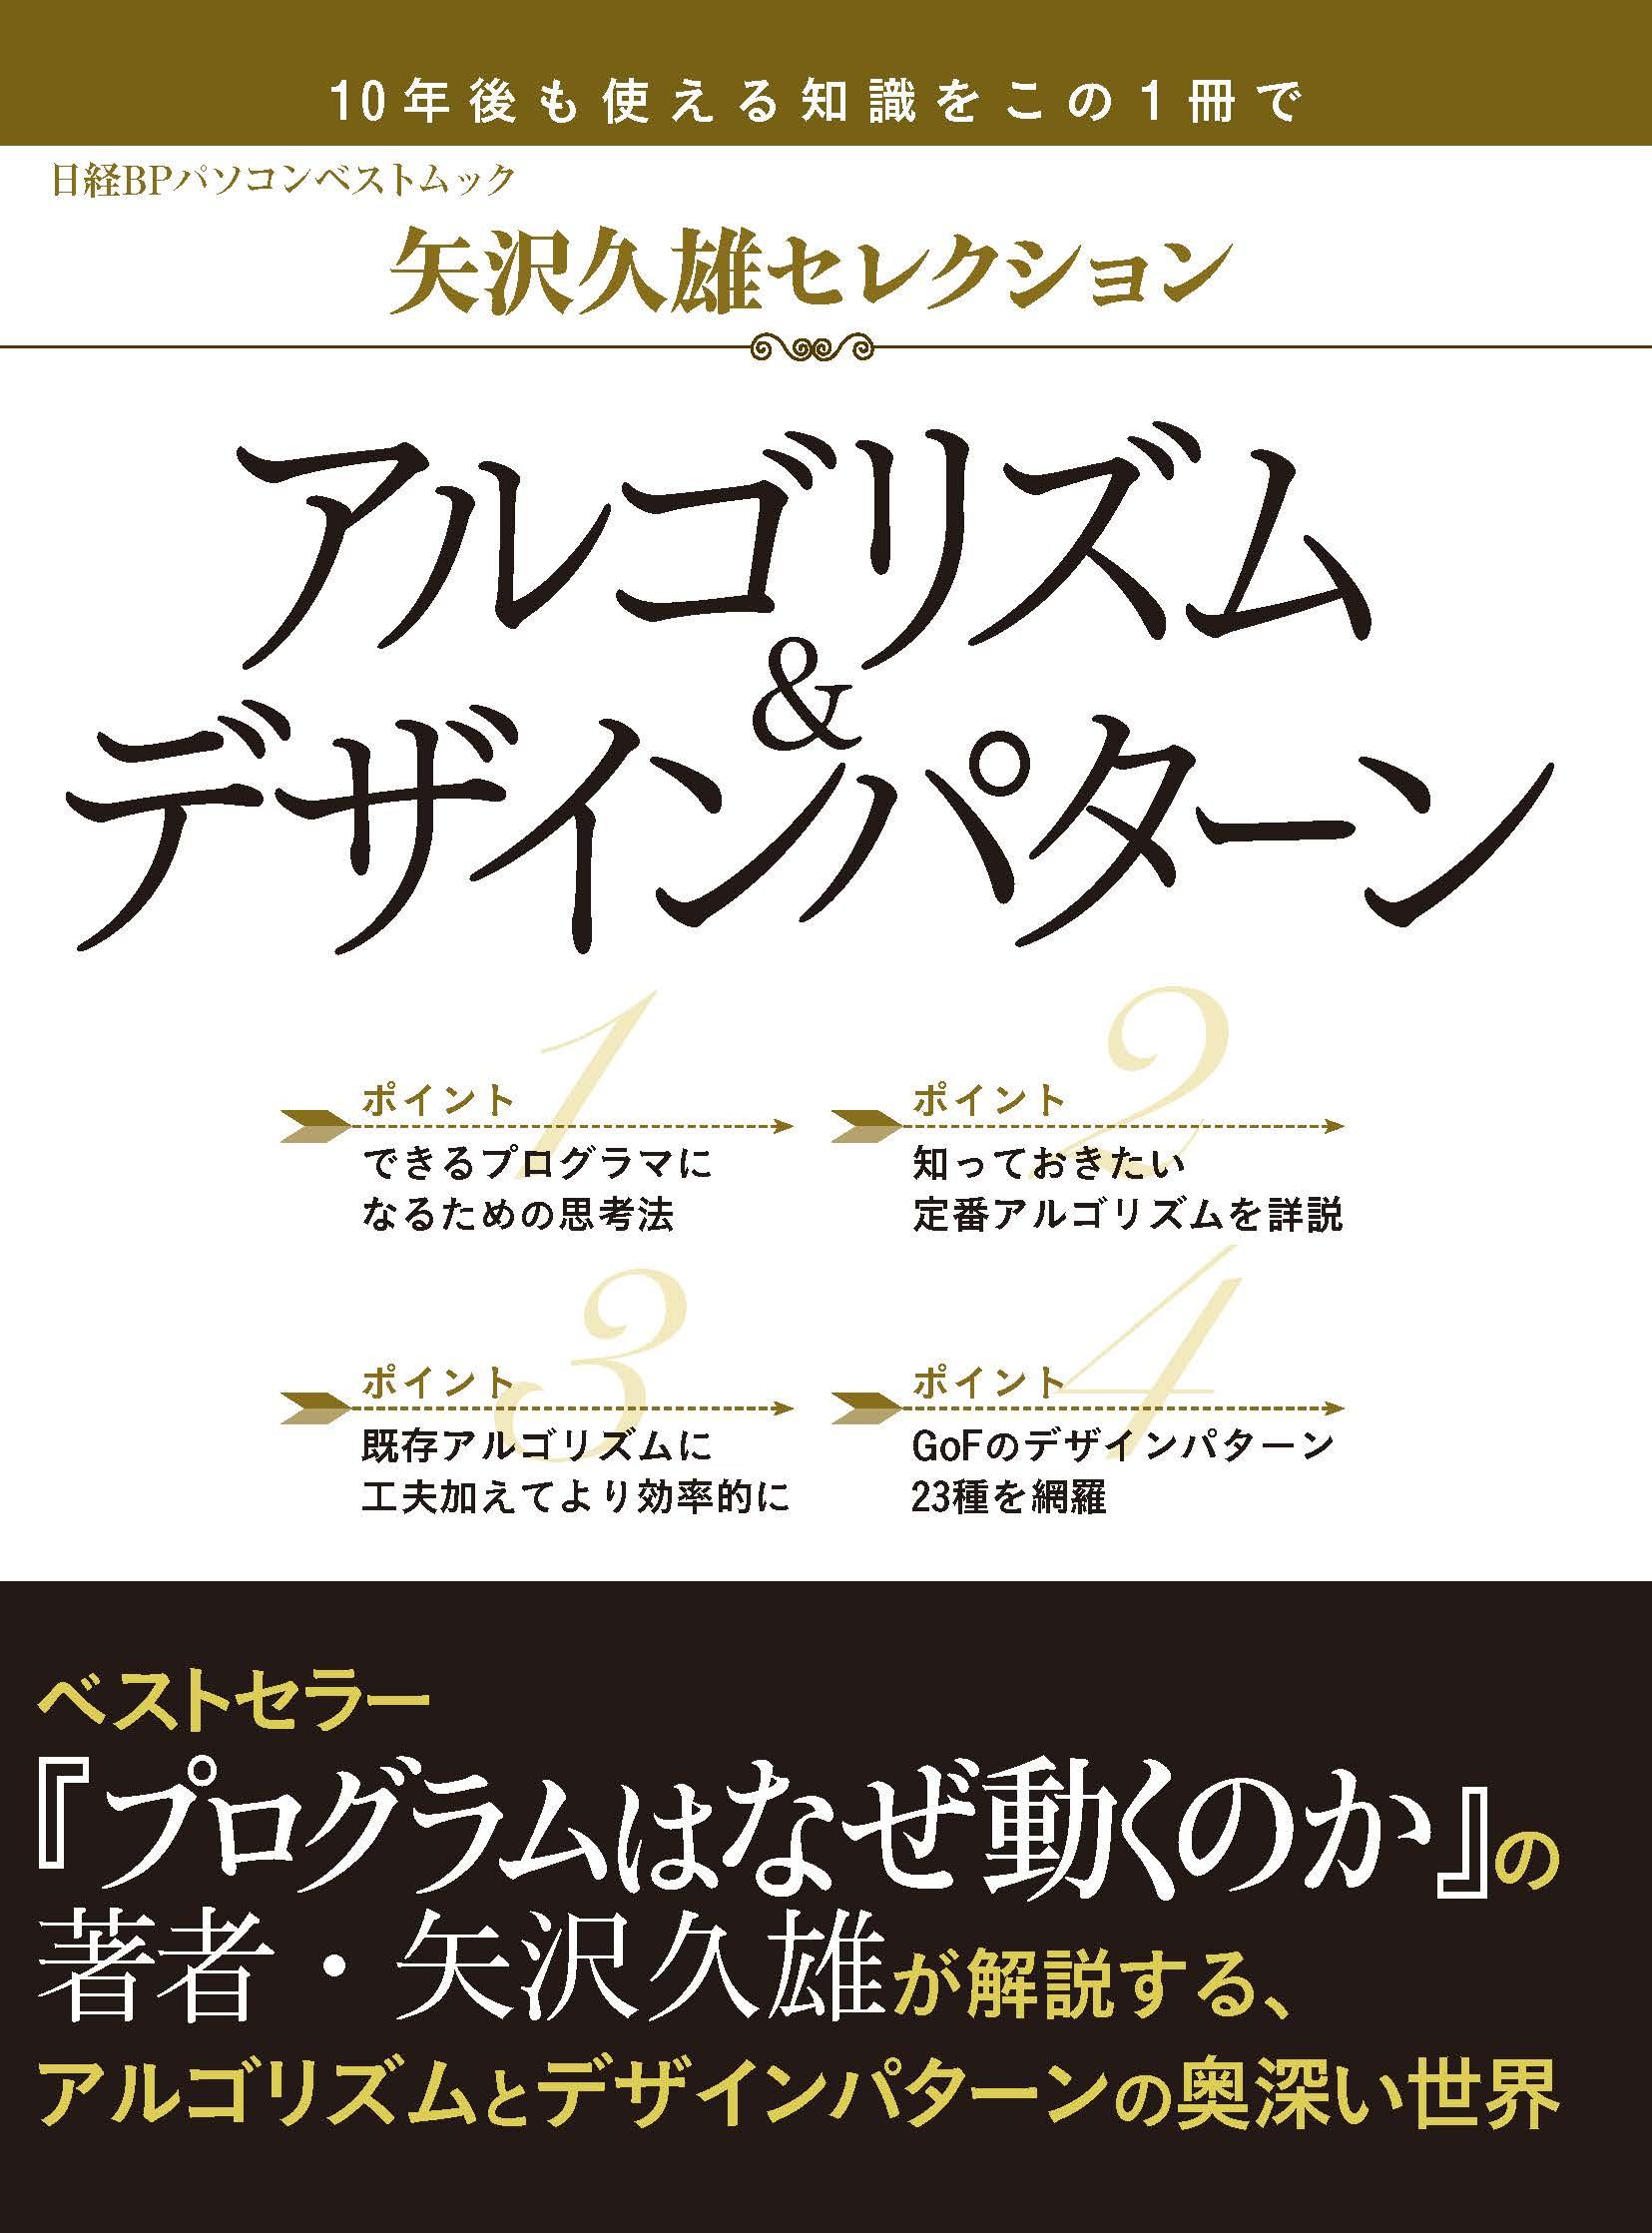 矢沢久雄セレクション